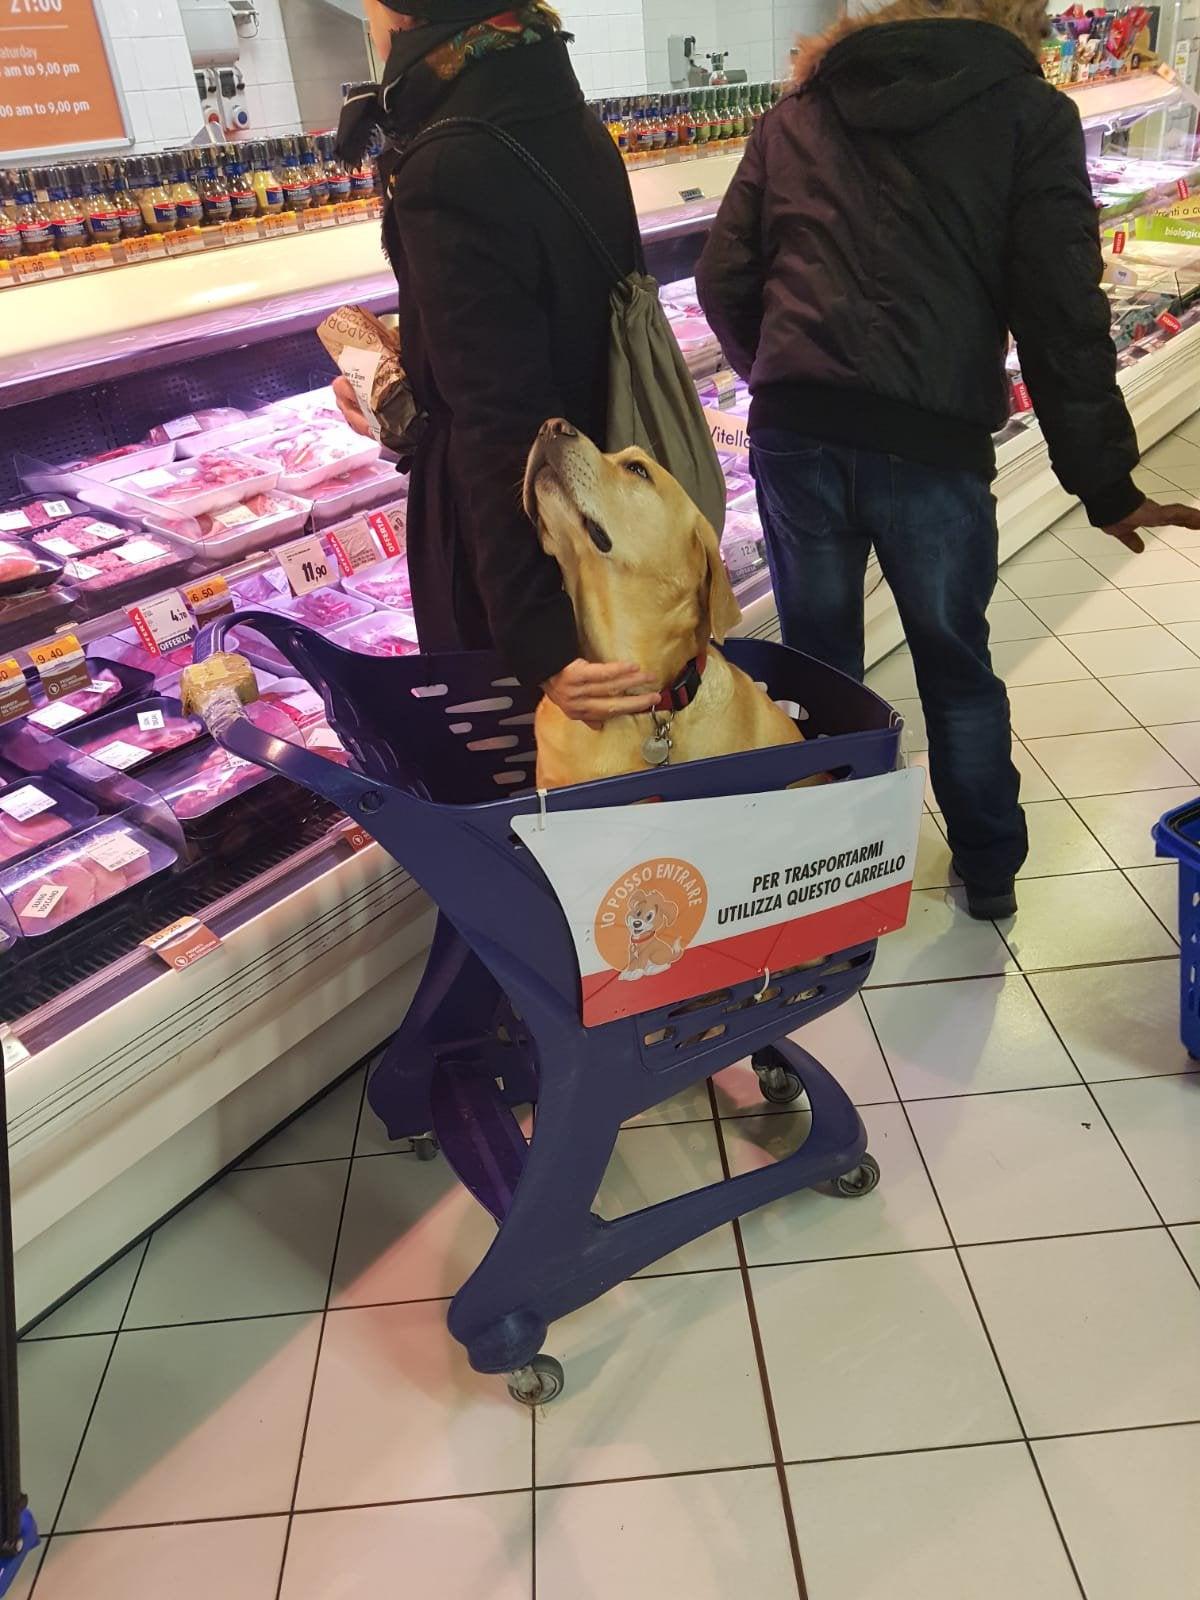 ¿Sabías que en algunos supermercados italianos hay carros para poder entrar con tu mascota?